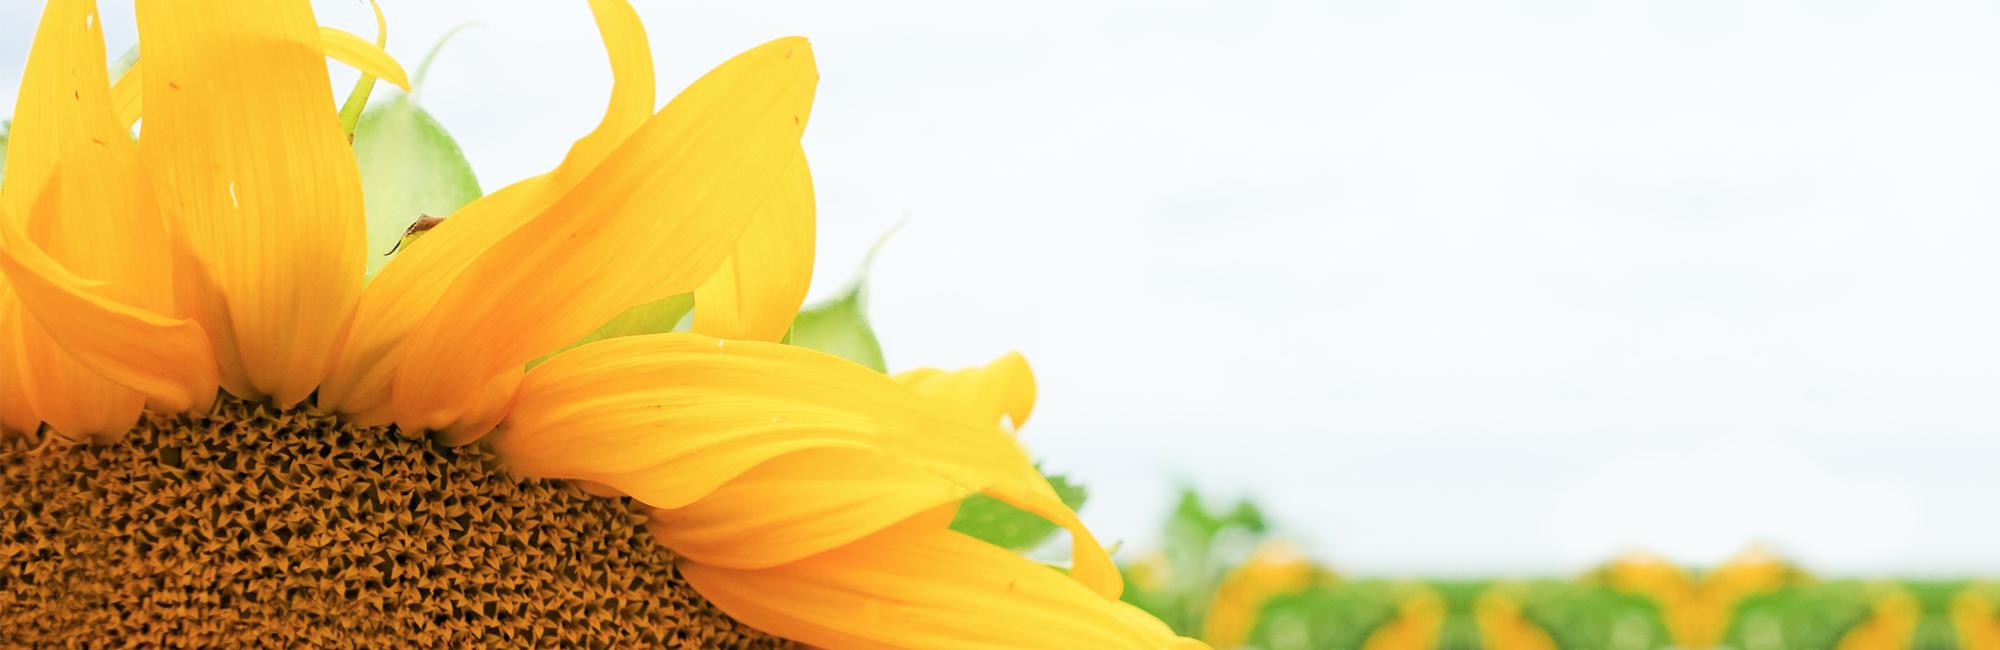 socialmedia-lakeland-sunflower